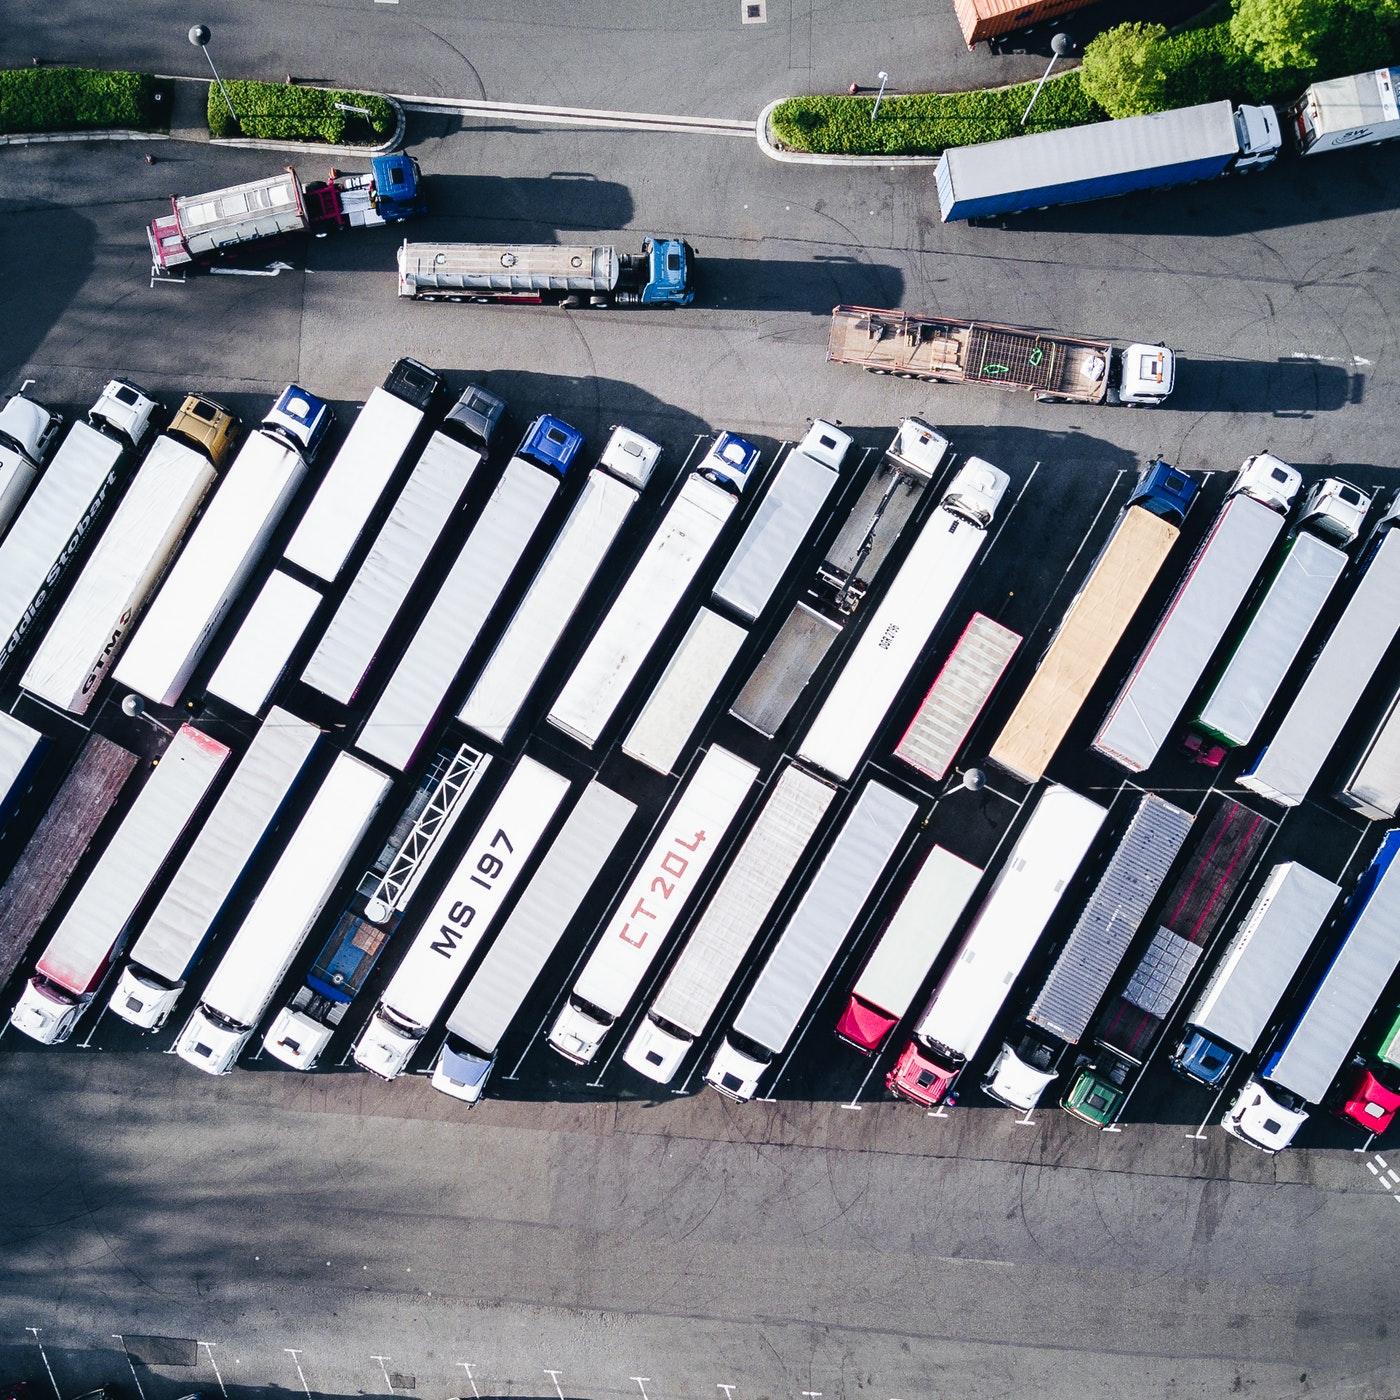 Full Truckload Freight Transportation